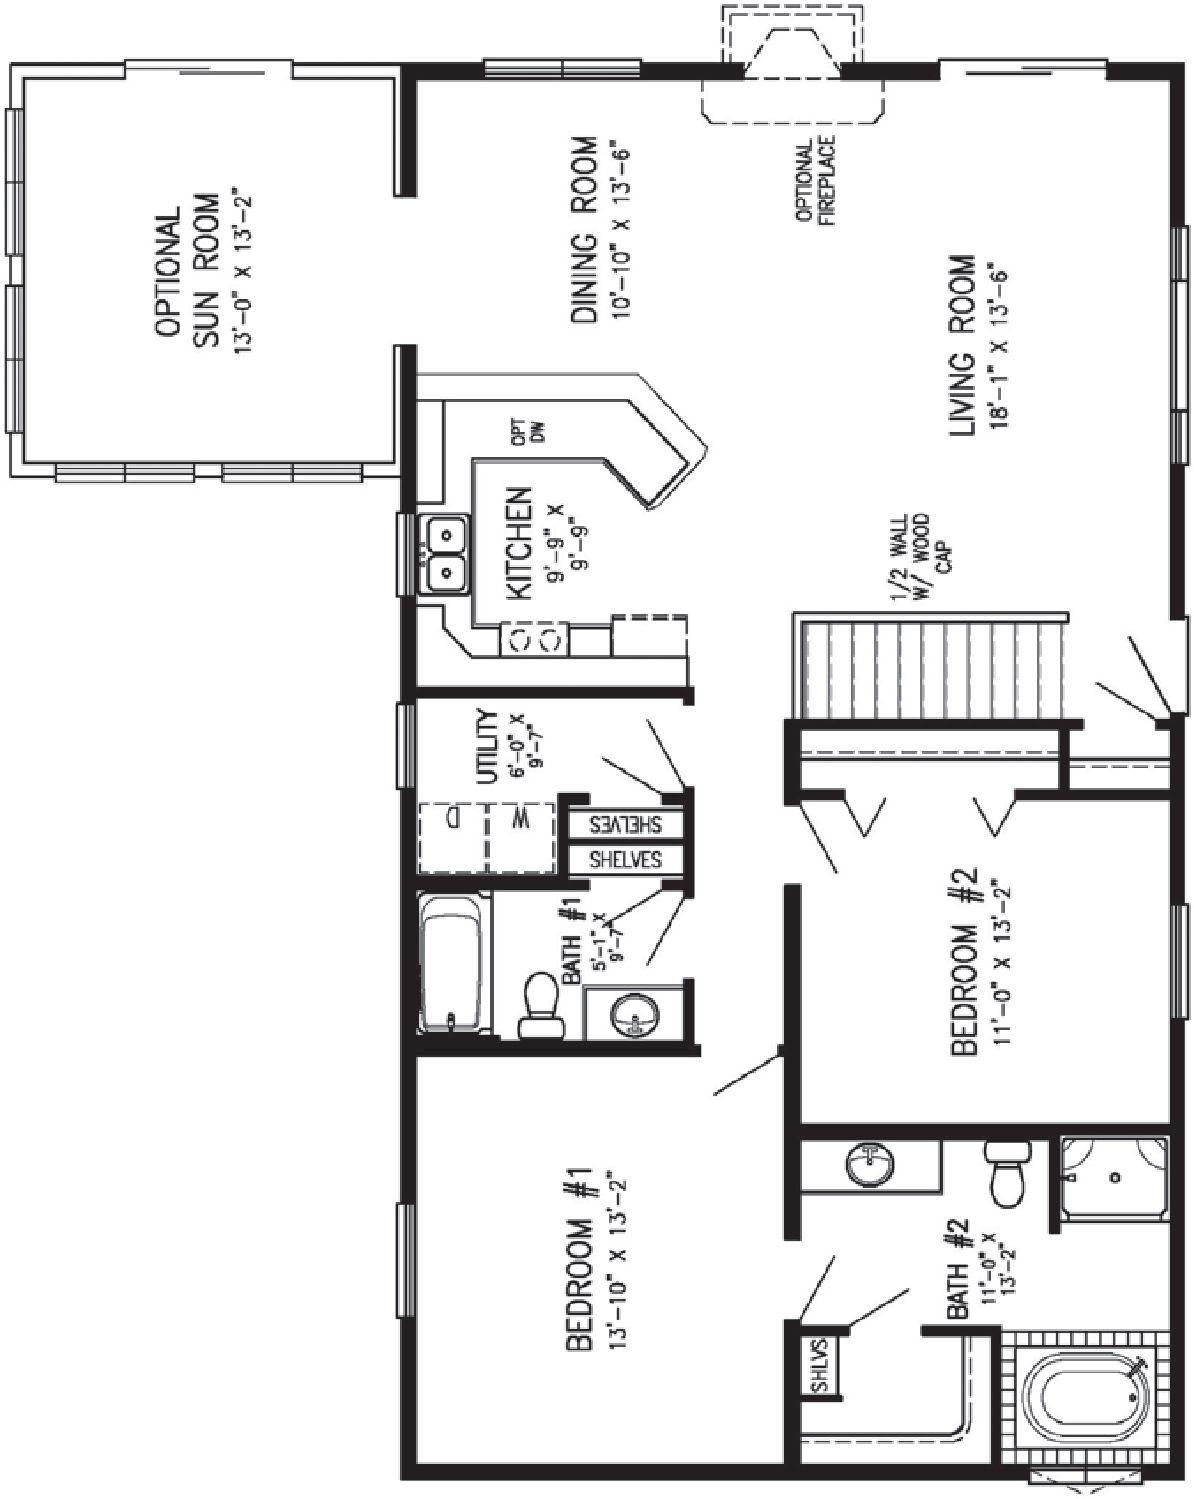 Stratford Homes River Valley Excelsior Homes West, Inc